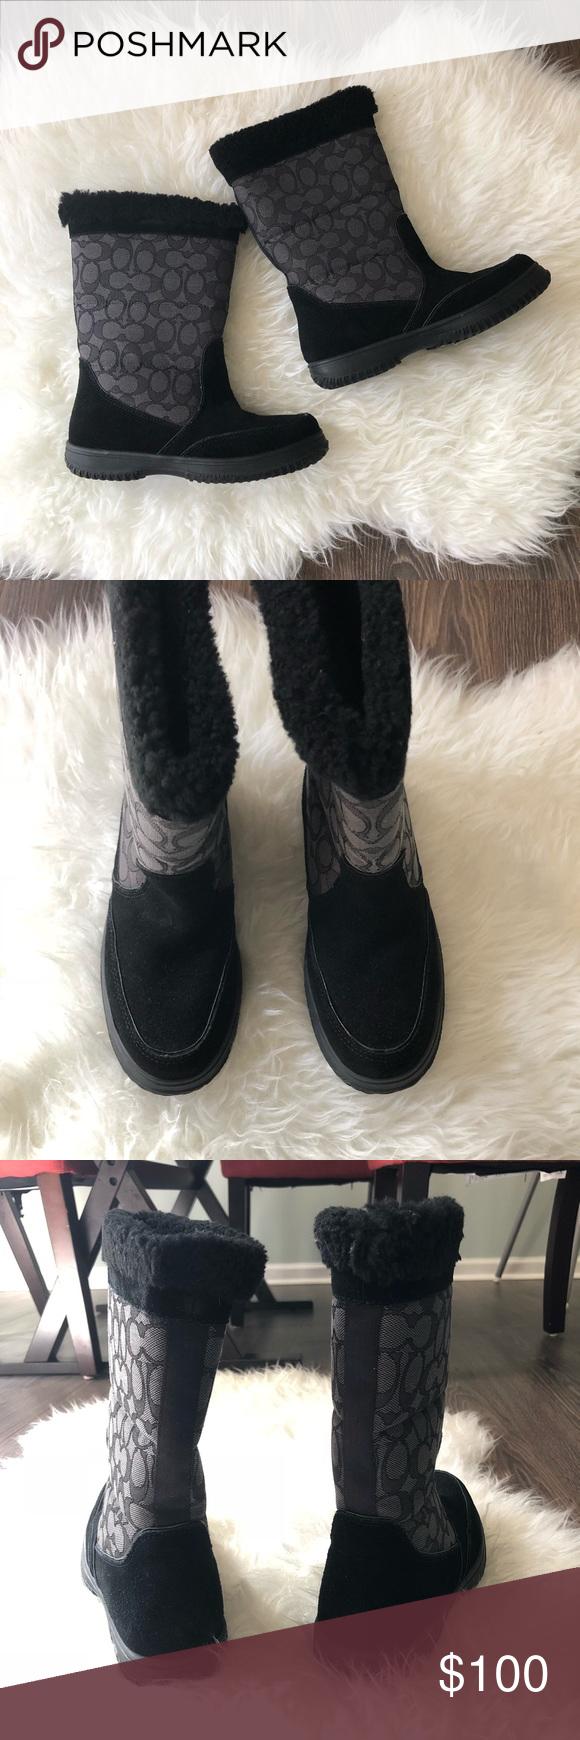 S F4298 Ladies Fauz Fur Lined Grey Mid Calf Boots